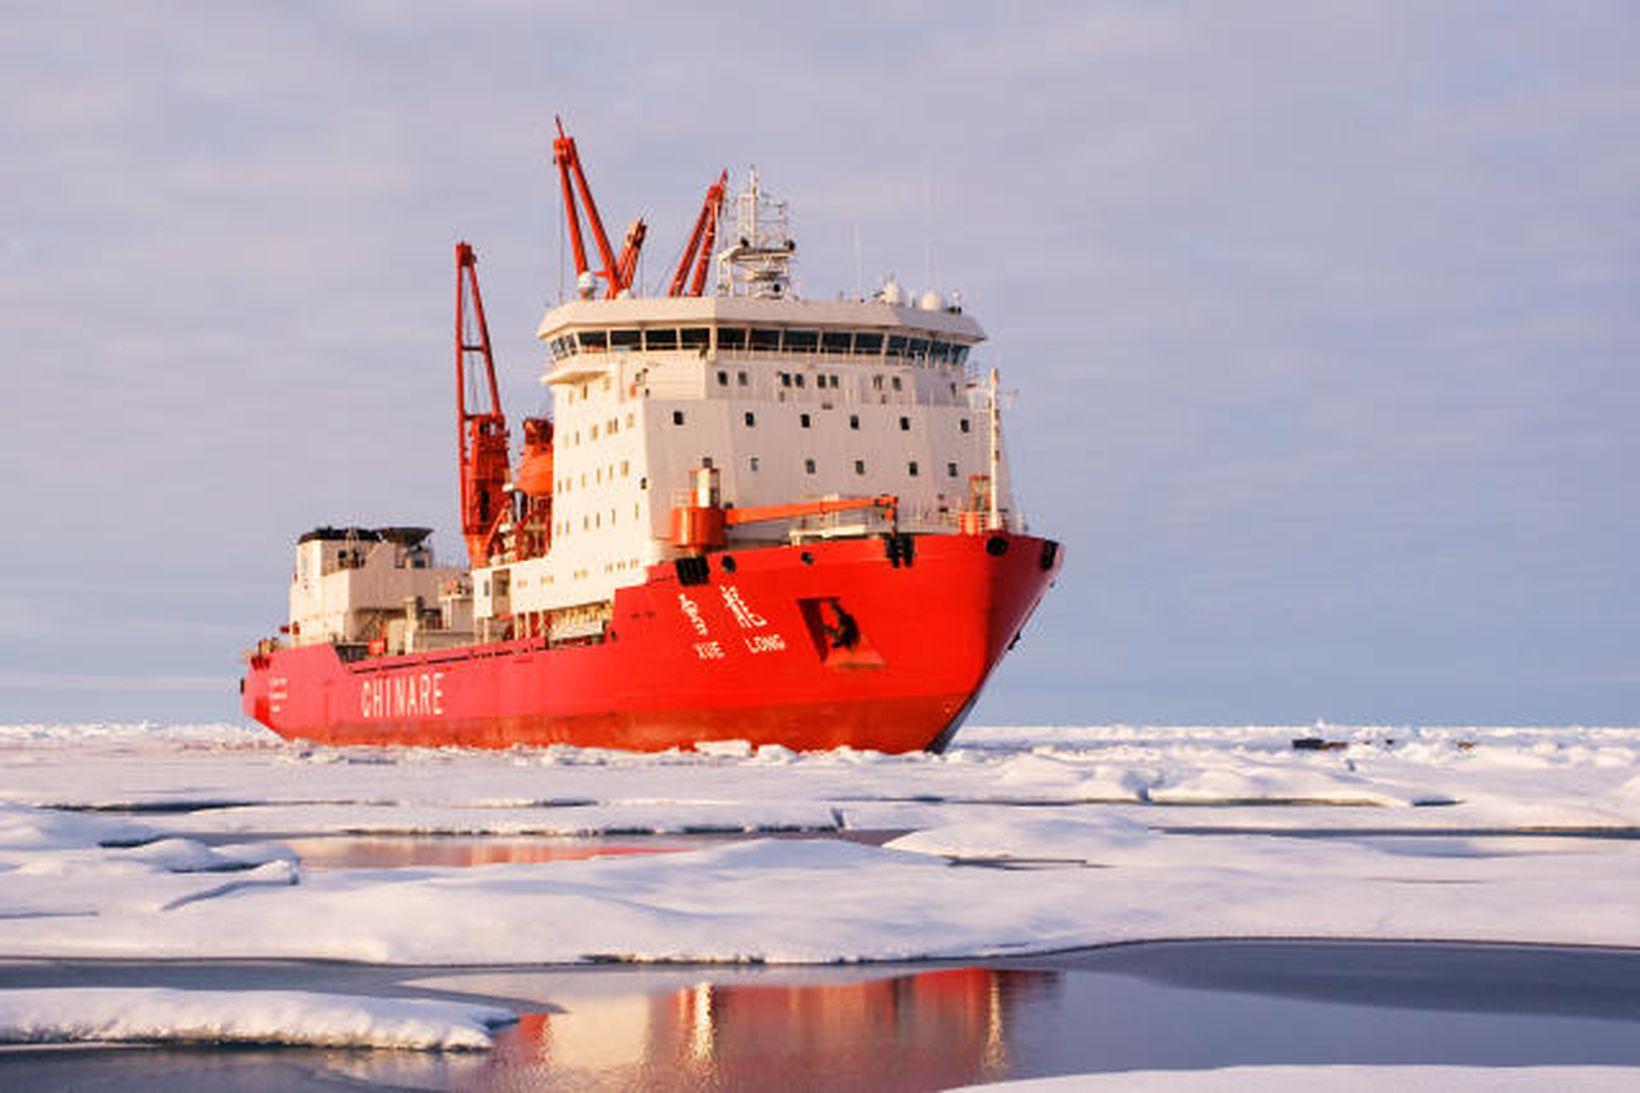 Kínverski ísbrjóturinn Snædrekinn sem Sigldi frá Kína til Íslands norður …